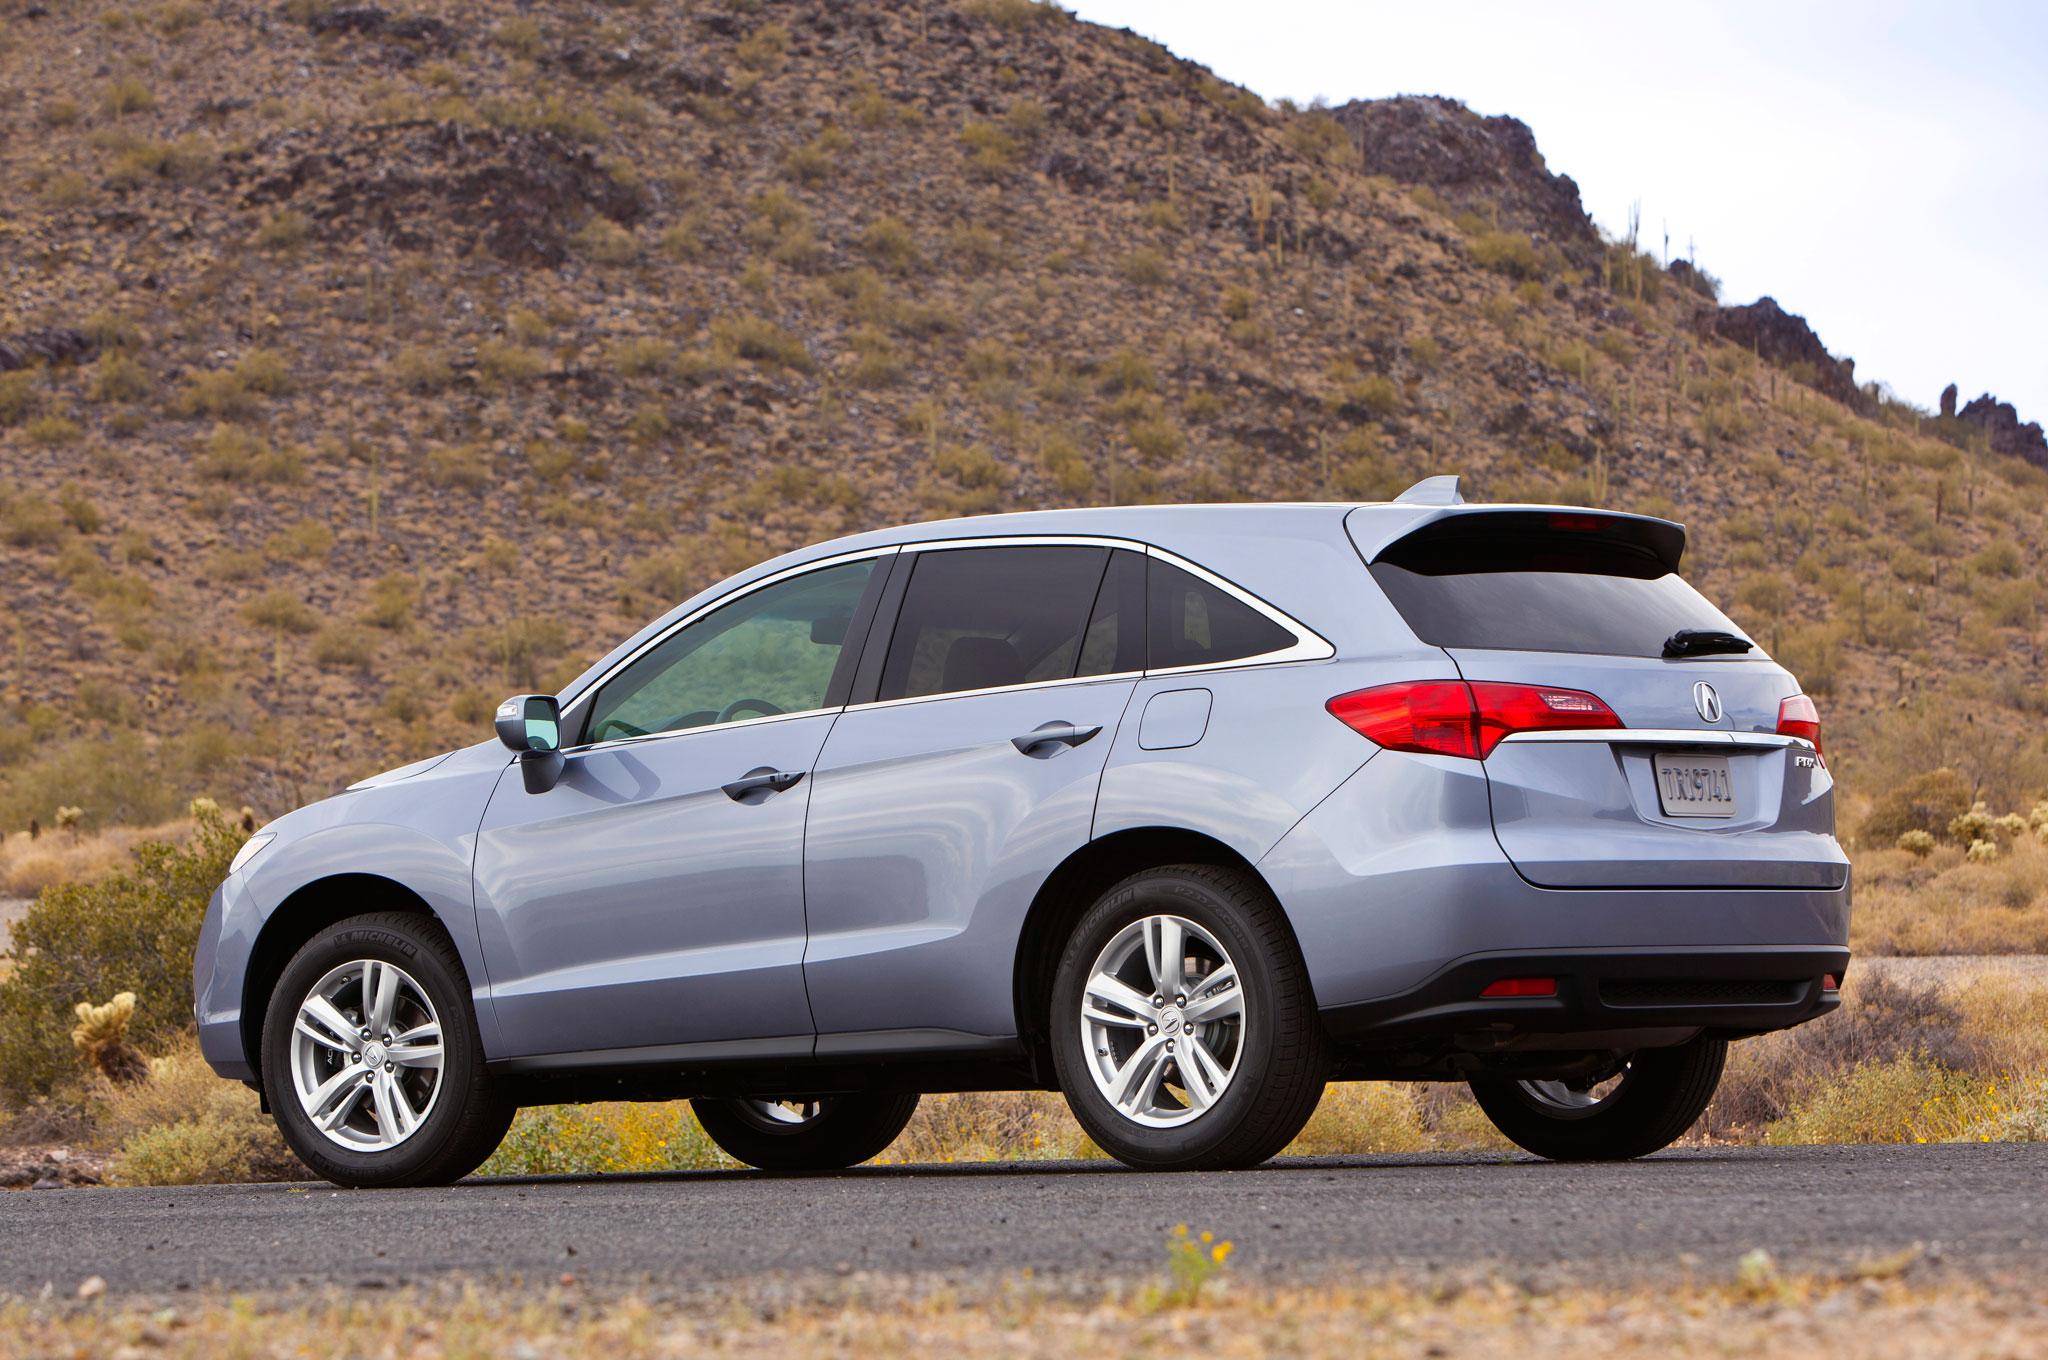 2013 Acura RDX Rear Angle Mountains 2. 19|121 · 2013 Acura RDX ...